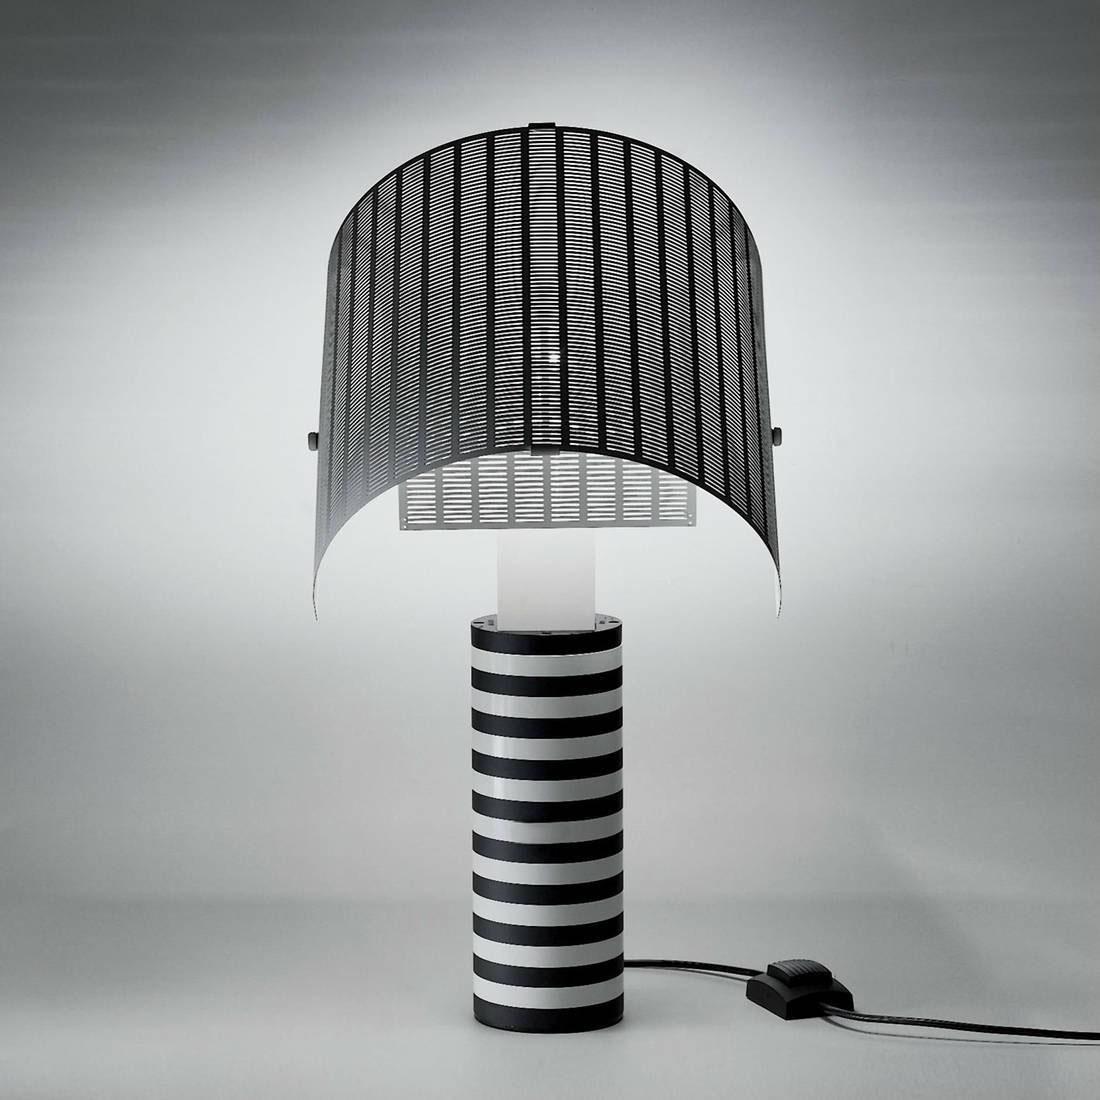 Lampes Luminaires ReimsBoutique Ces Eclat Iconiques De Et KuJTlF1c3